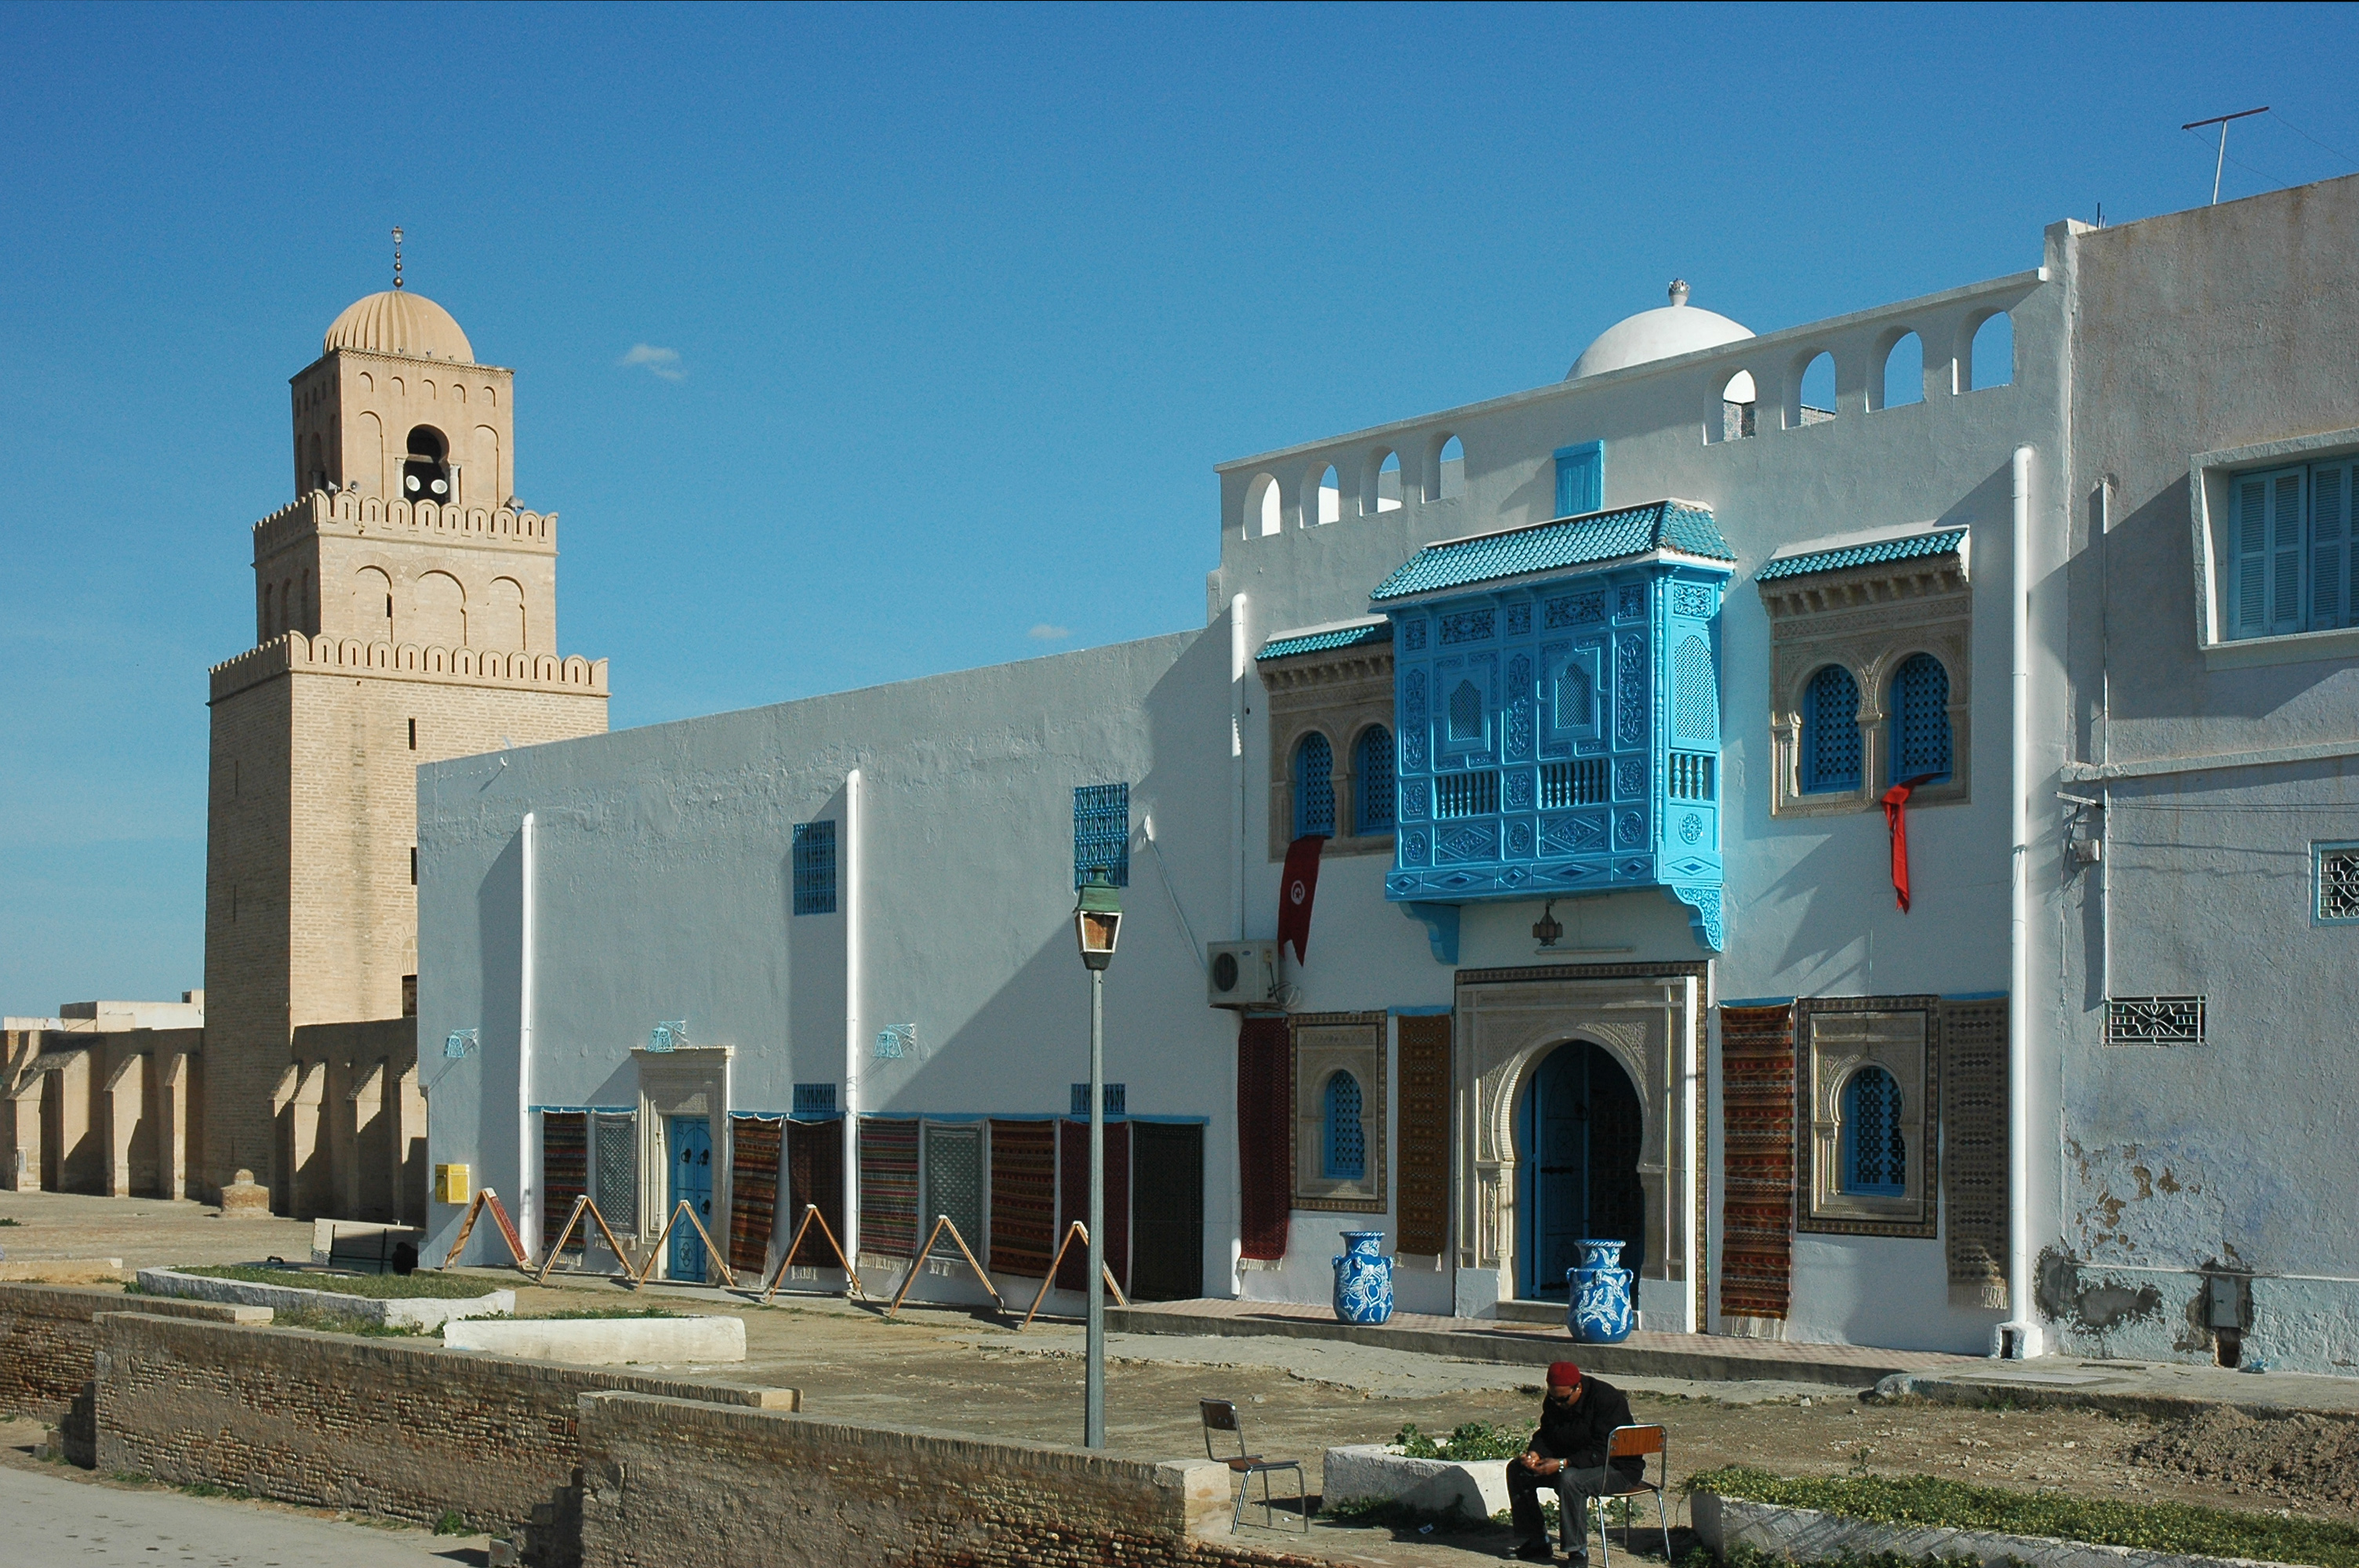 Kairouan Tunisie File:tunisie Kairouan 01.jpg